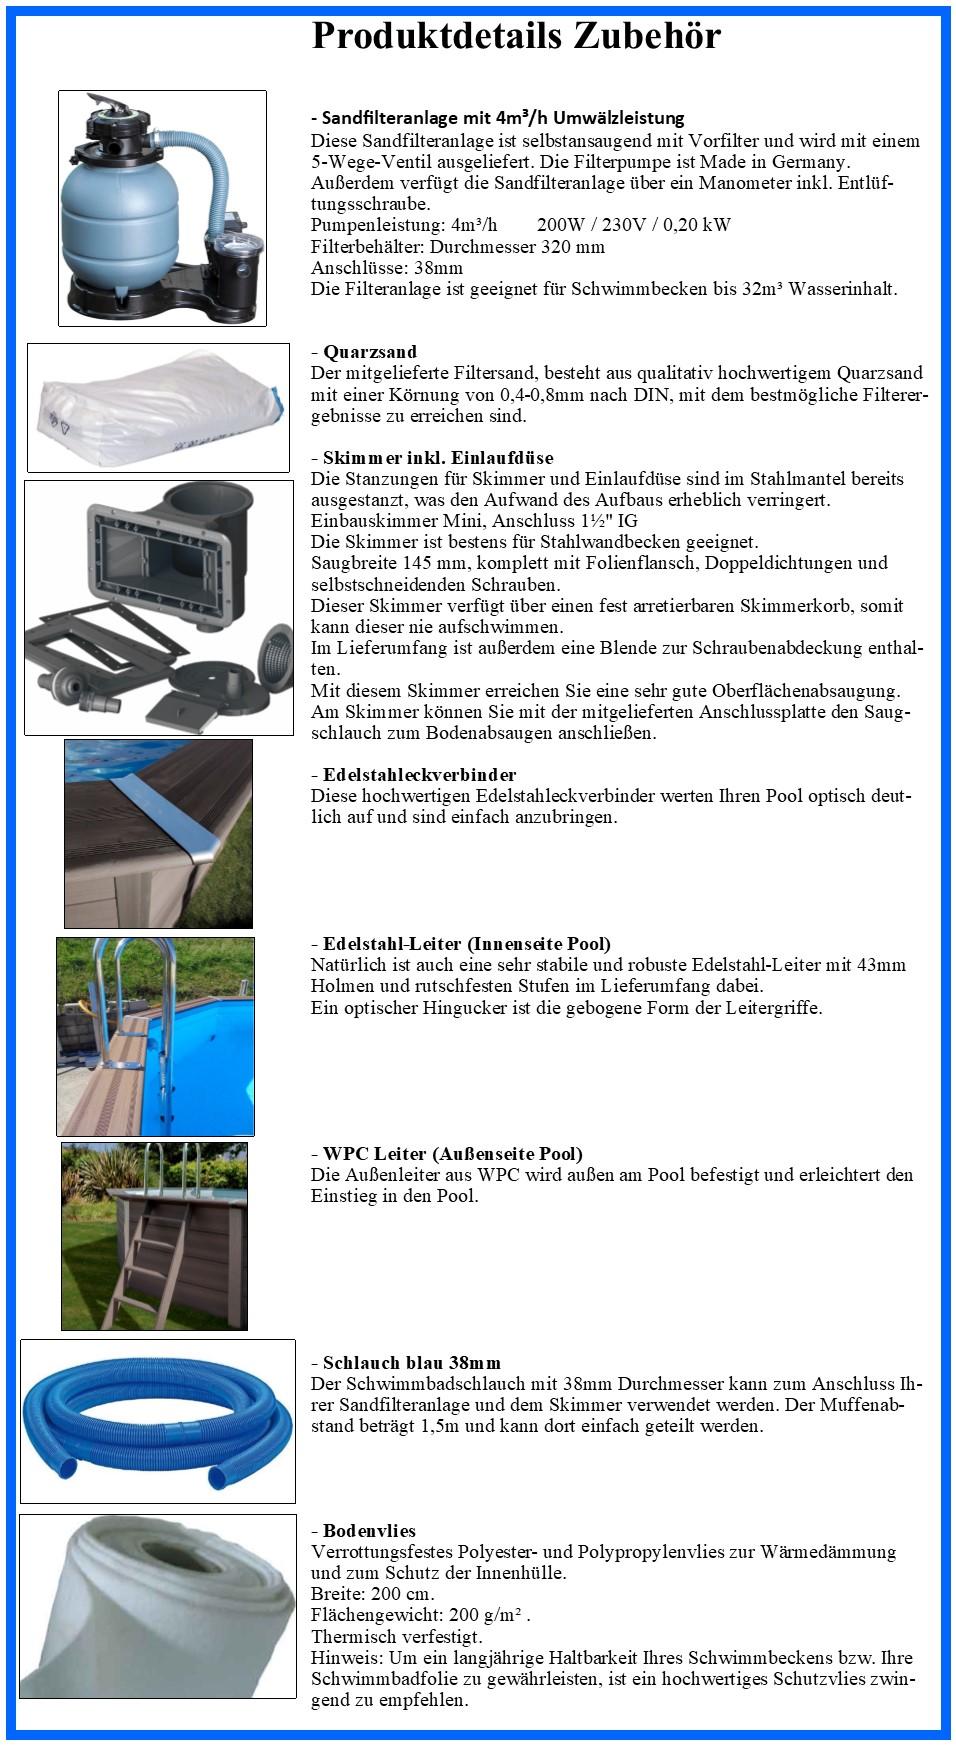 1 pc Edelstahl-Ersatzleiter f/ür Schwimmbecken Stufen mit 2 Schrauben Stufenleiter f/ür Schwimmbecken Langlebig